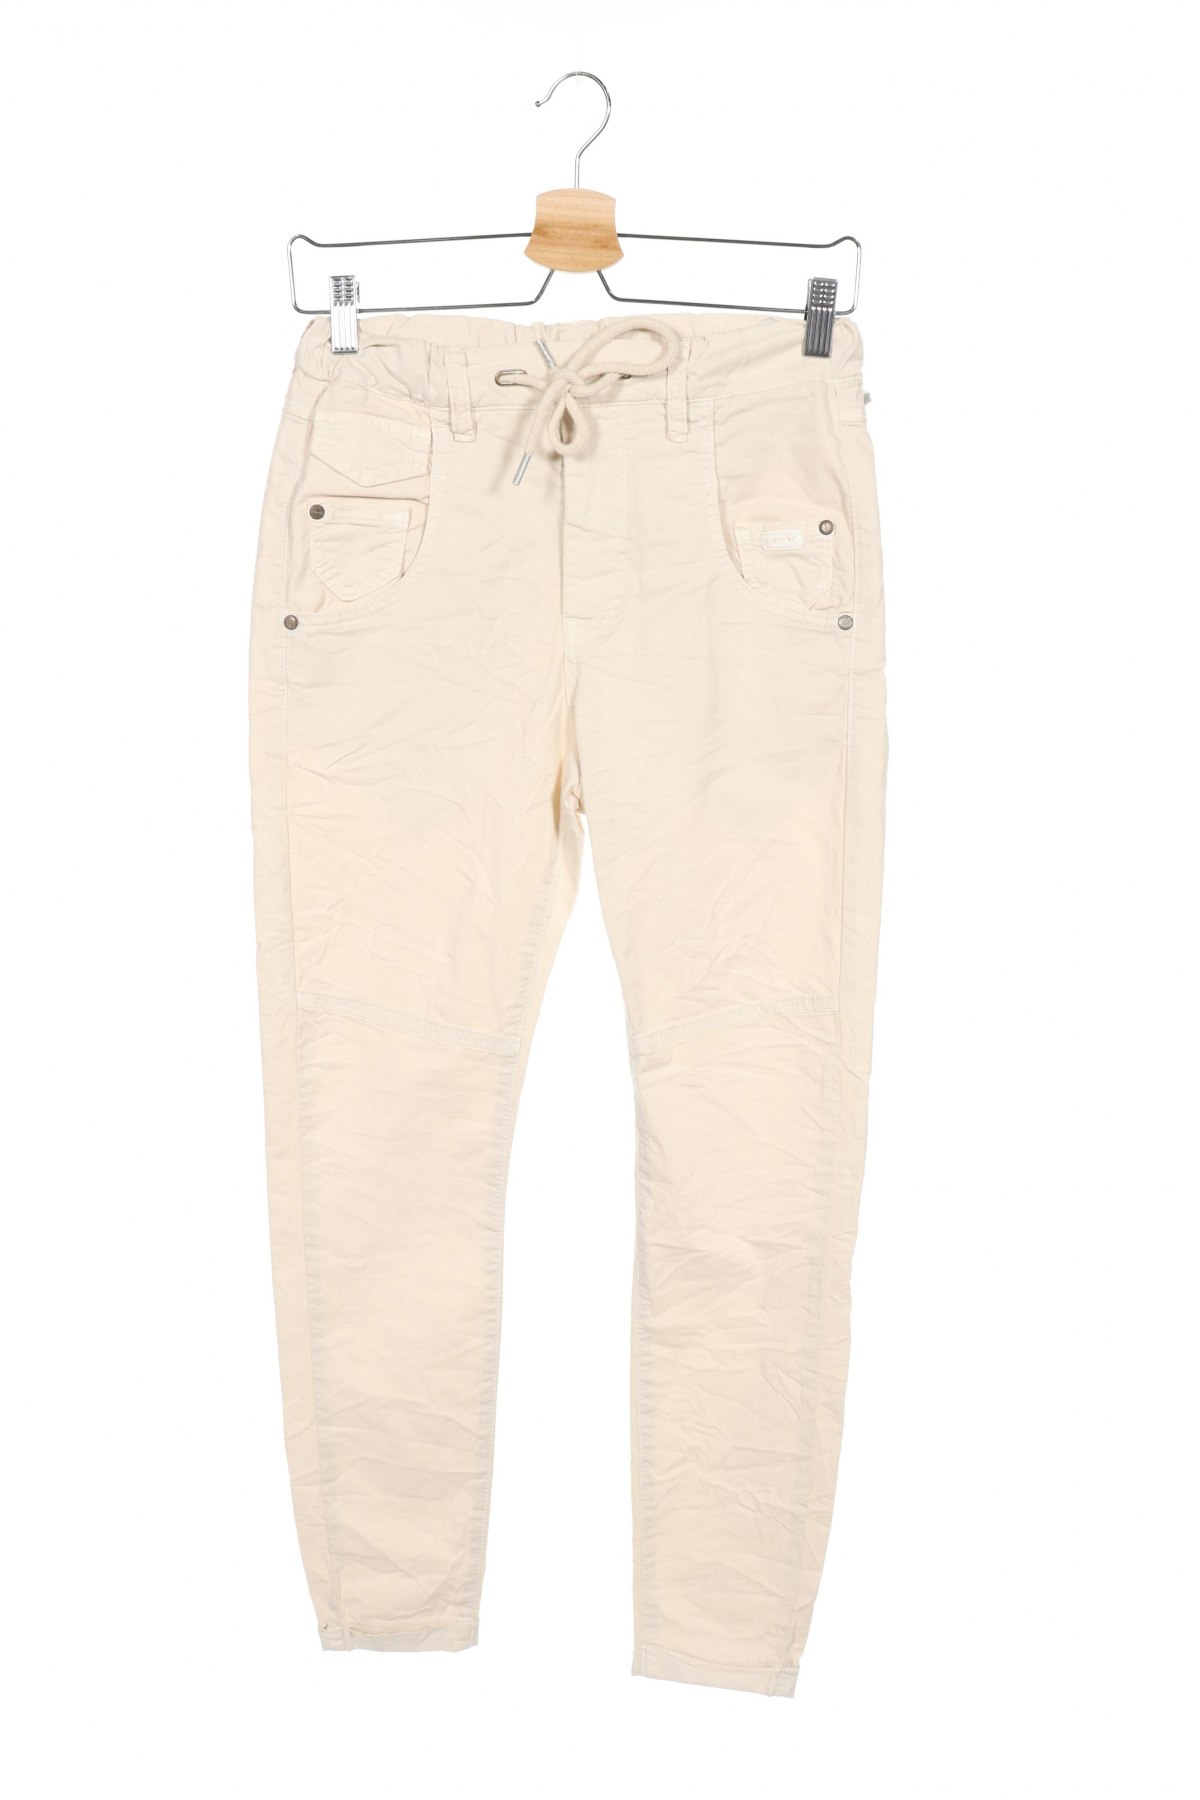 Дамски панталон Gang, Размер XS, Цвят Бежов, 97% памук, 3% еластан, Цена 28,62лв.